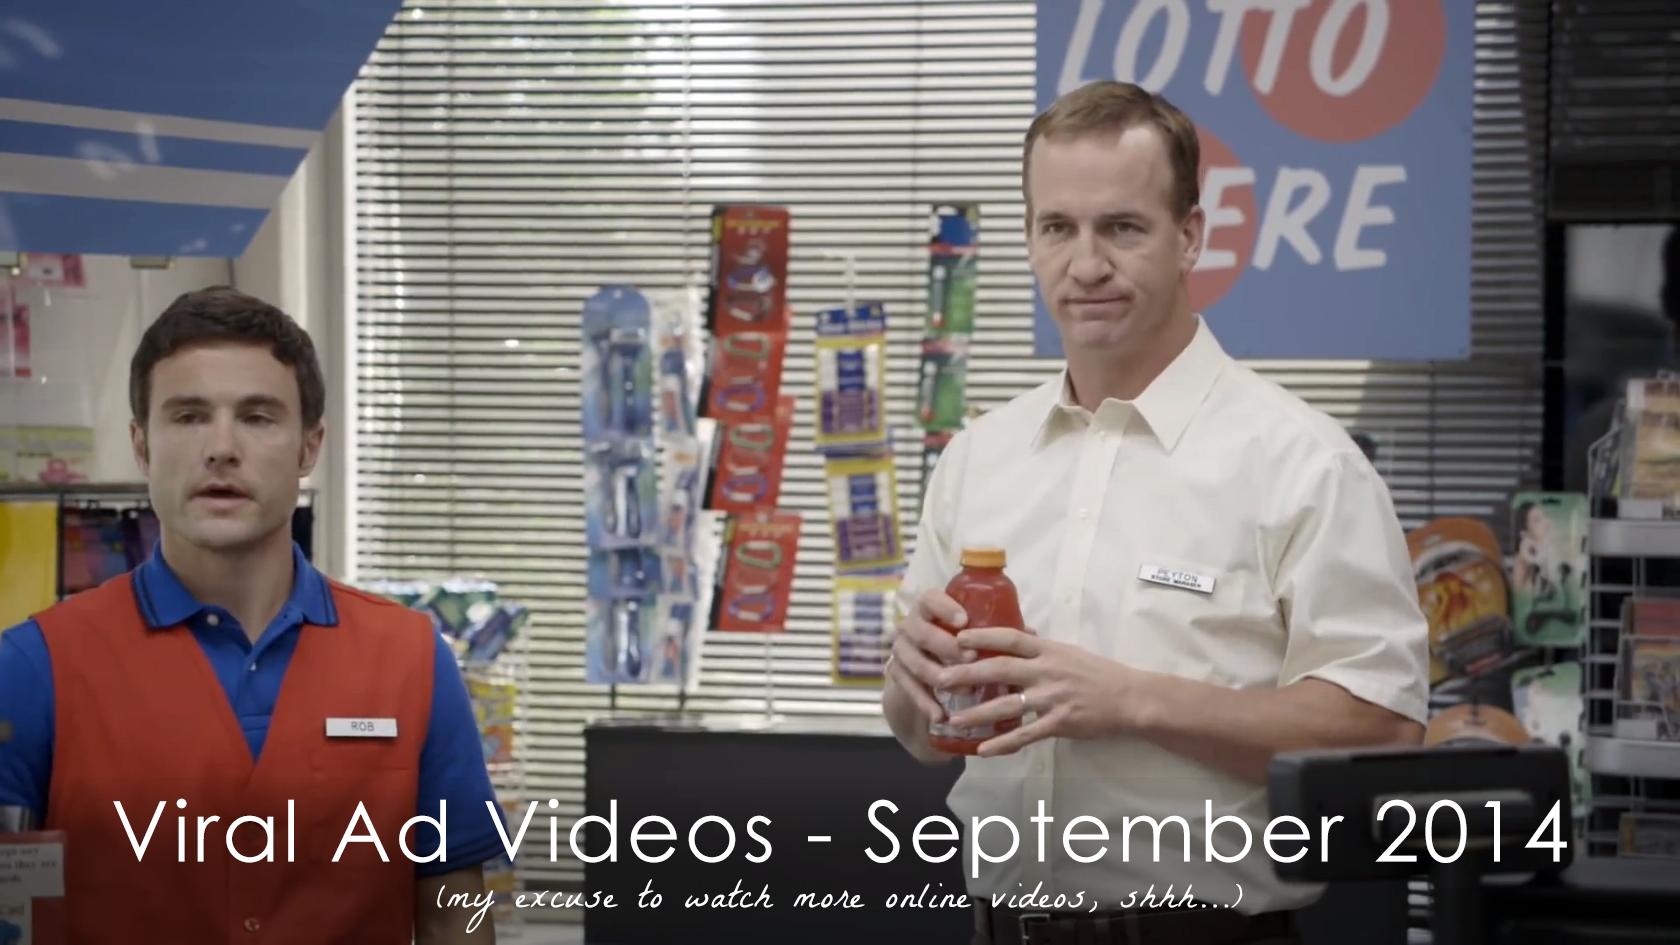 Viral Ad Videos - September 2014